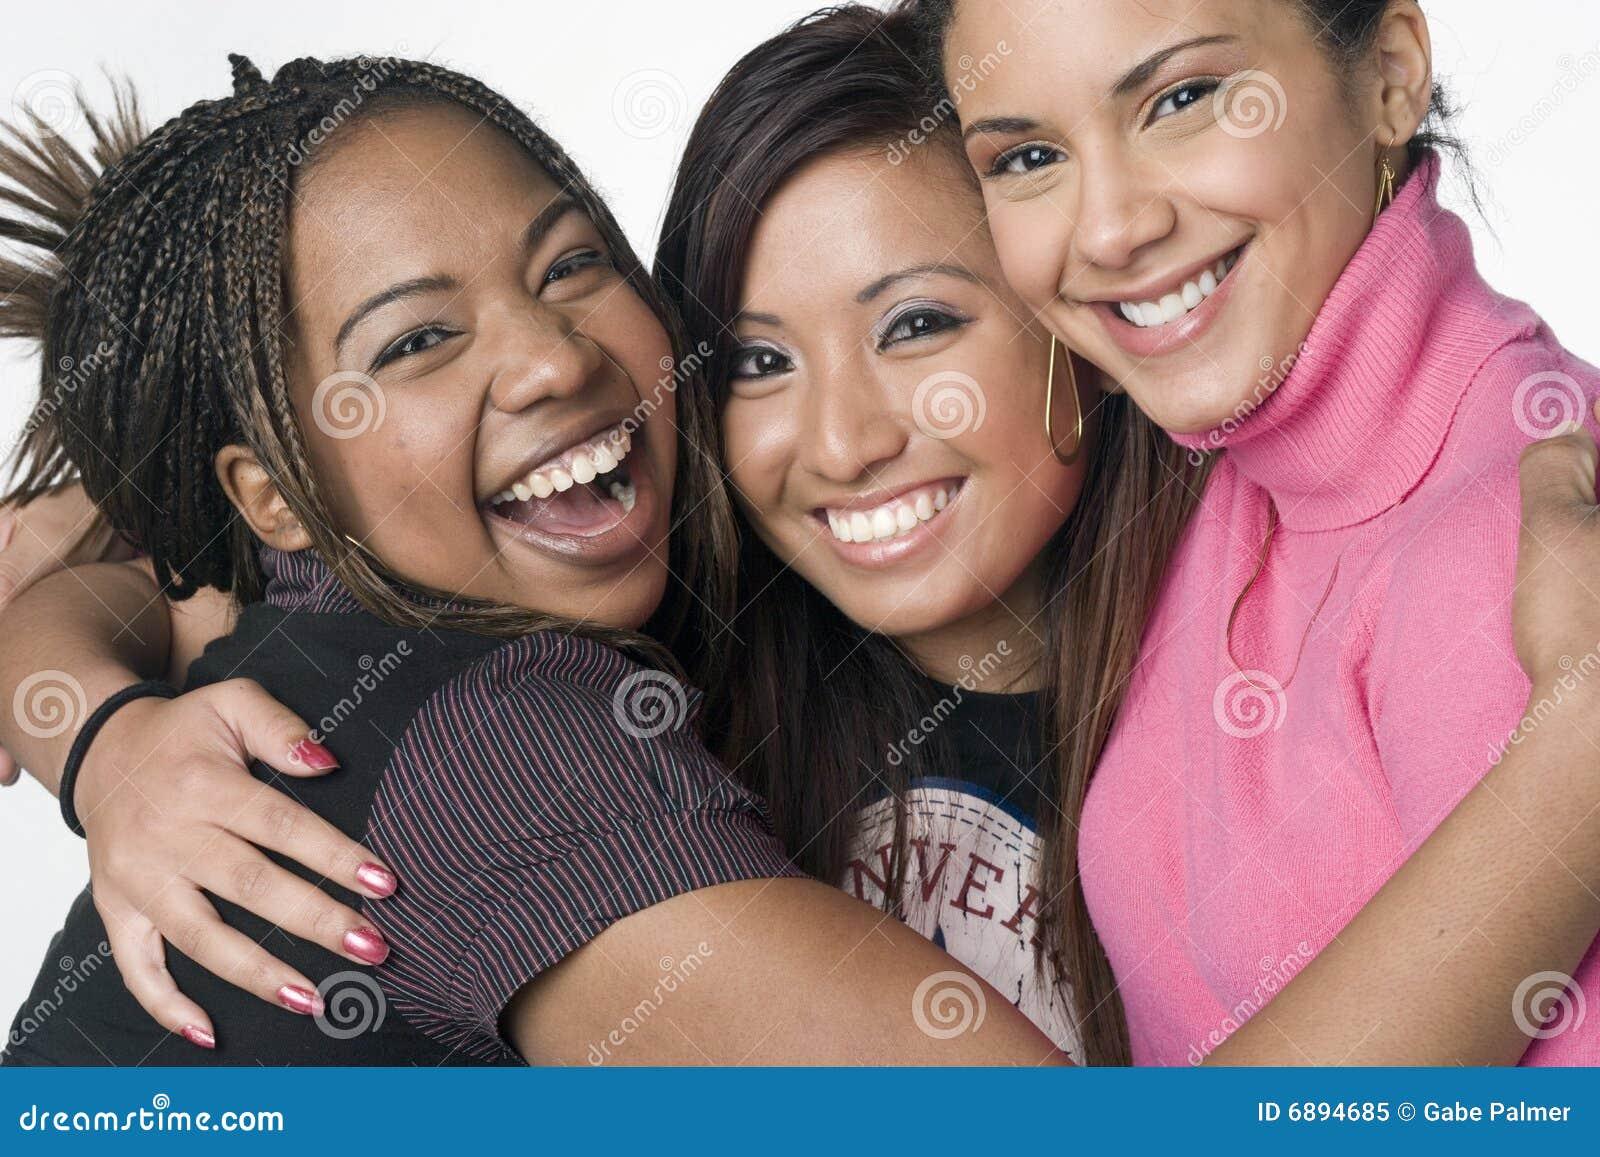 Un ritratto di tre ragazze adolescenti della corsa mixed